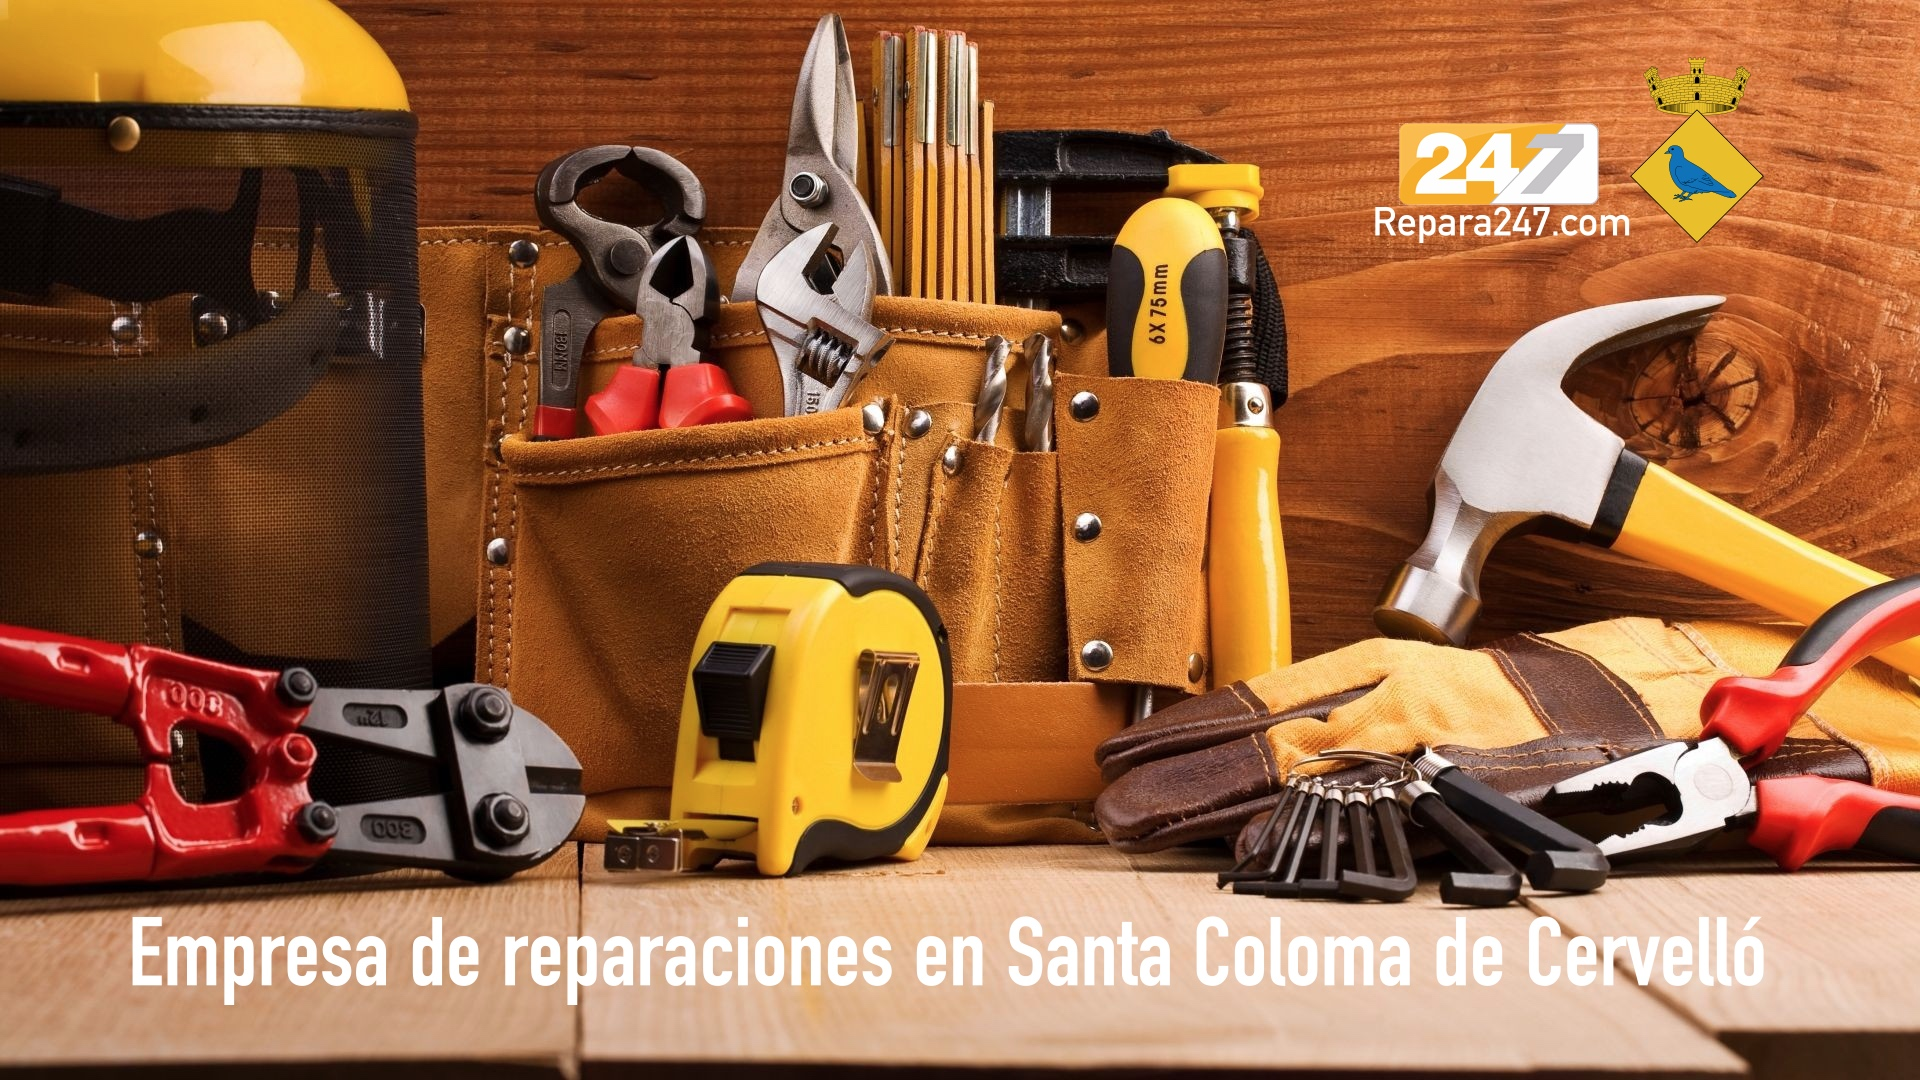 Empresa de reparaciones en Santa Coloma de Cervelló